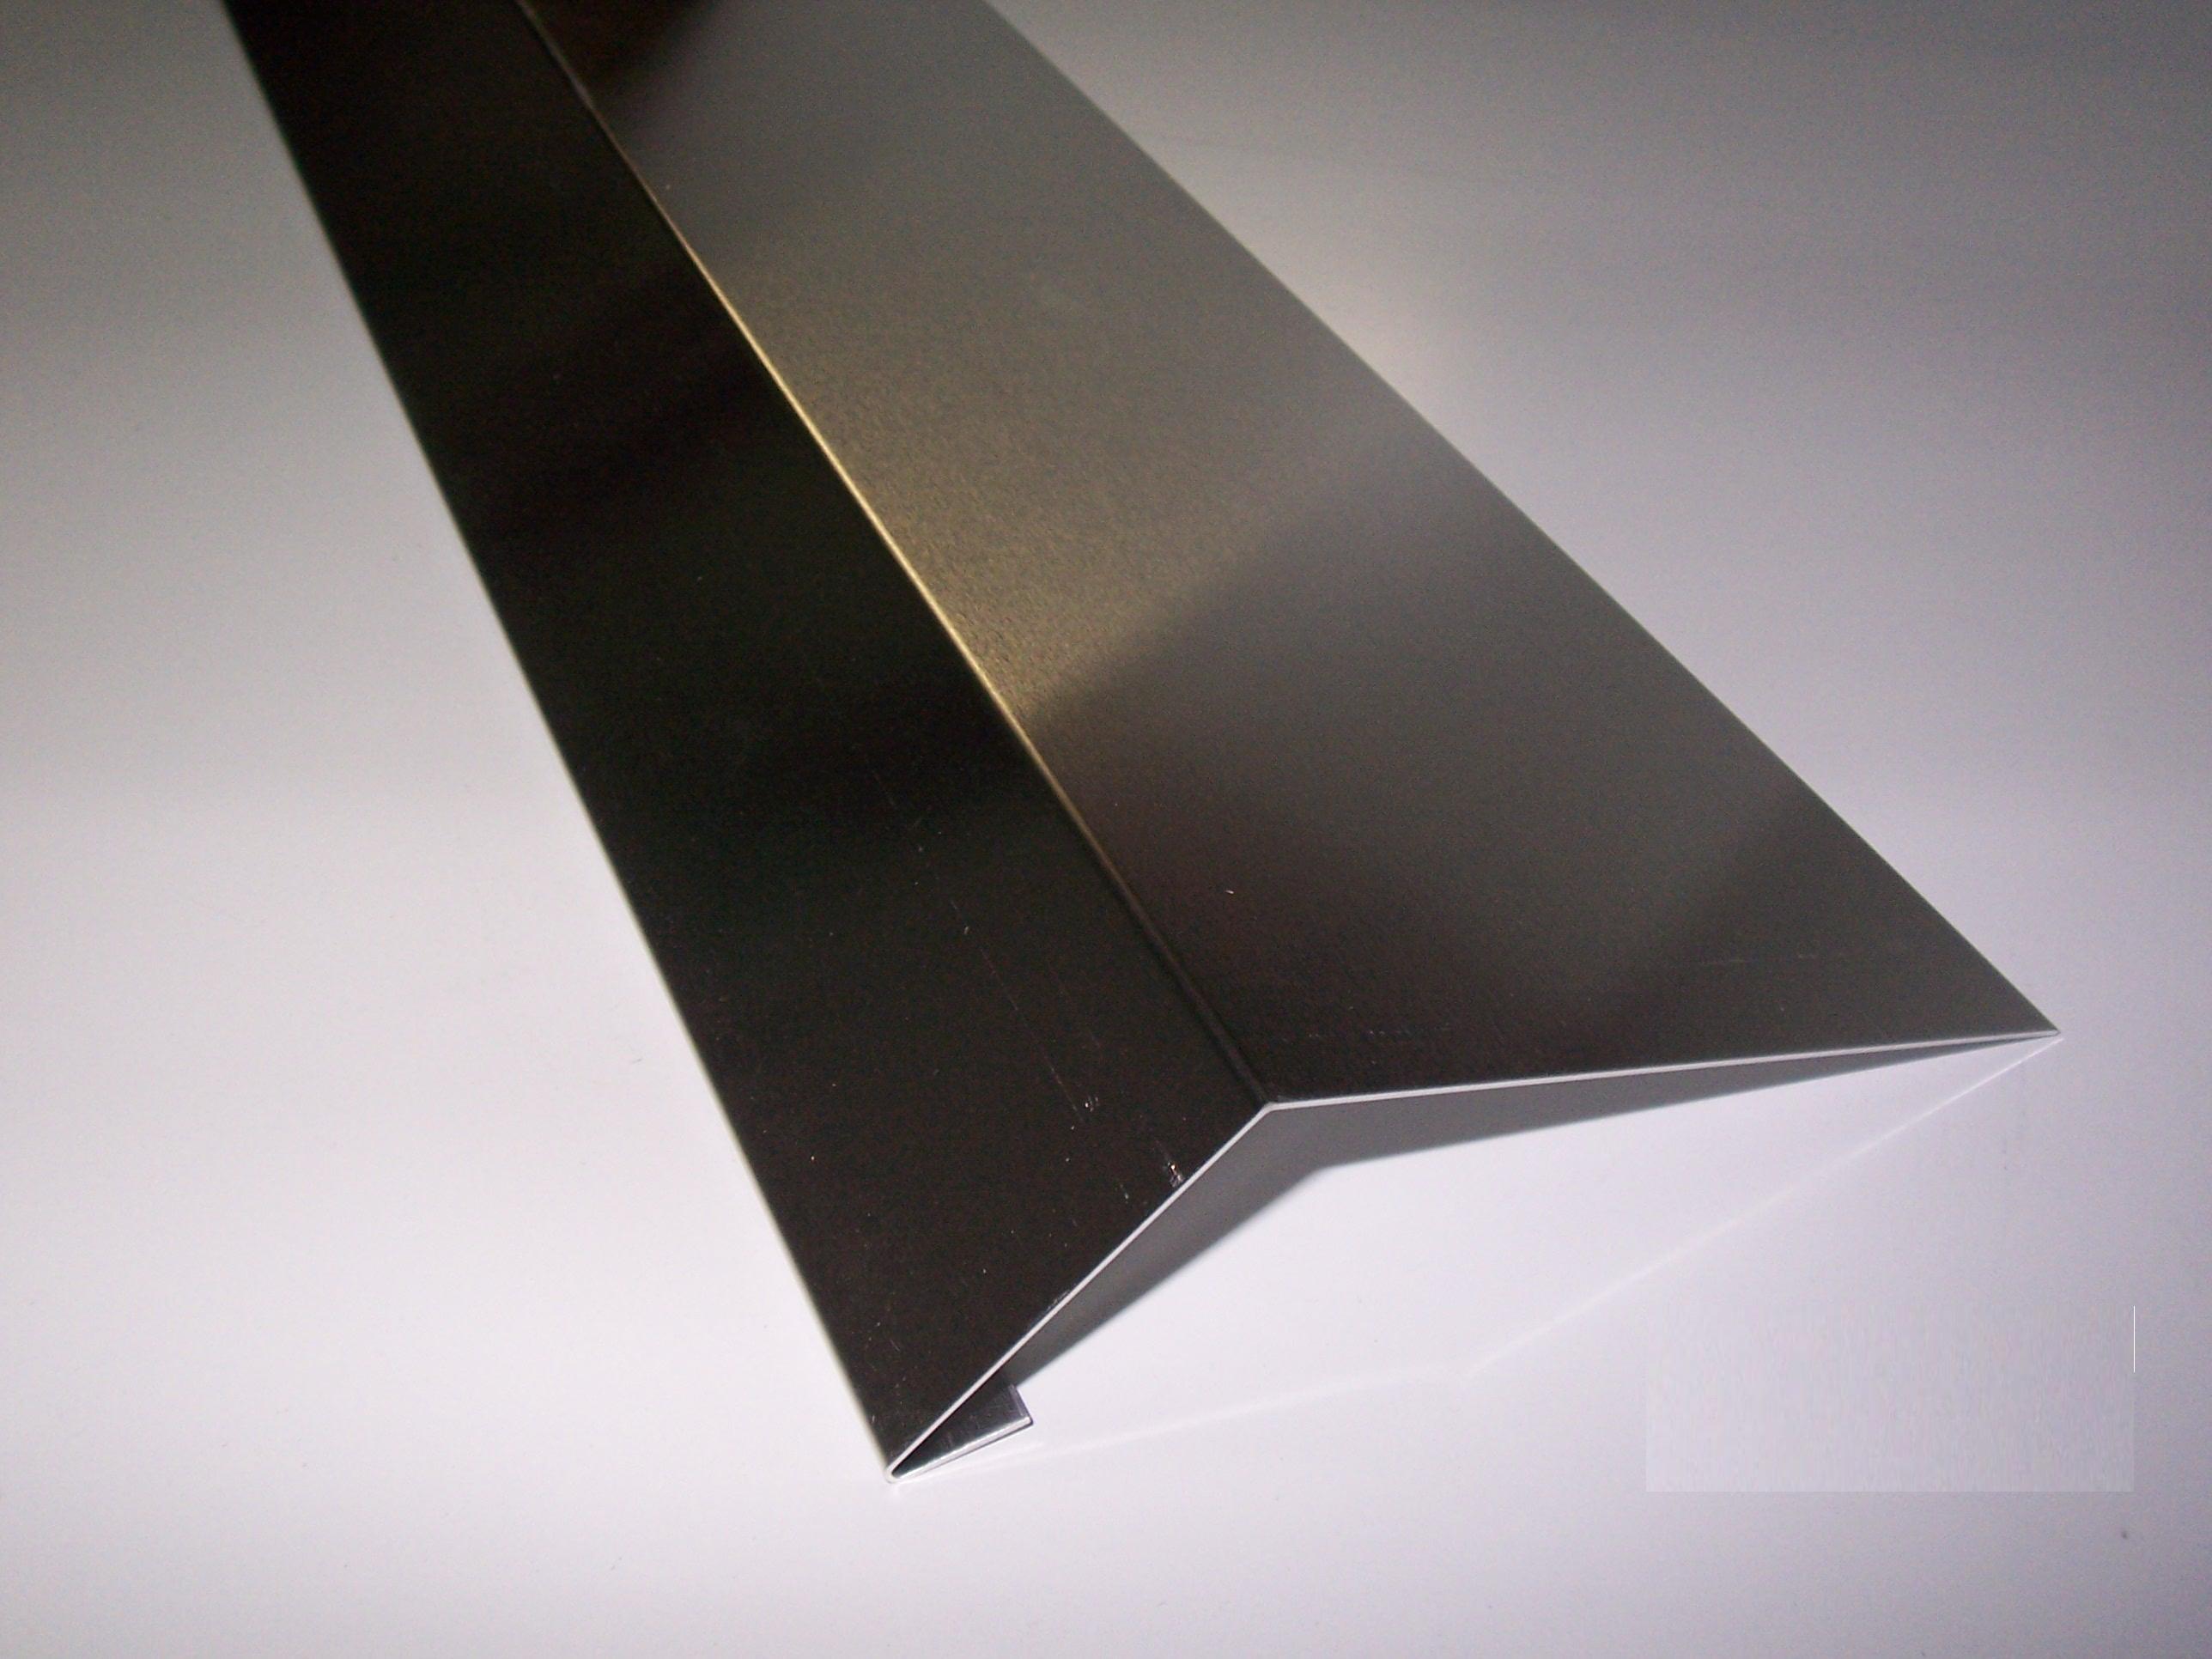 kehlblech 1m lang aluminium farbig versch ma e dachblech kehle winkelblech ebay. Black Bedroom Furniture Sets. Home Design Ideas